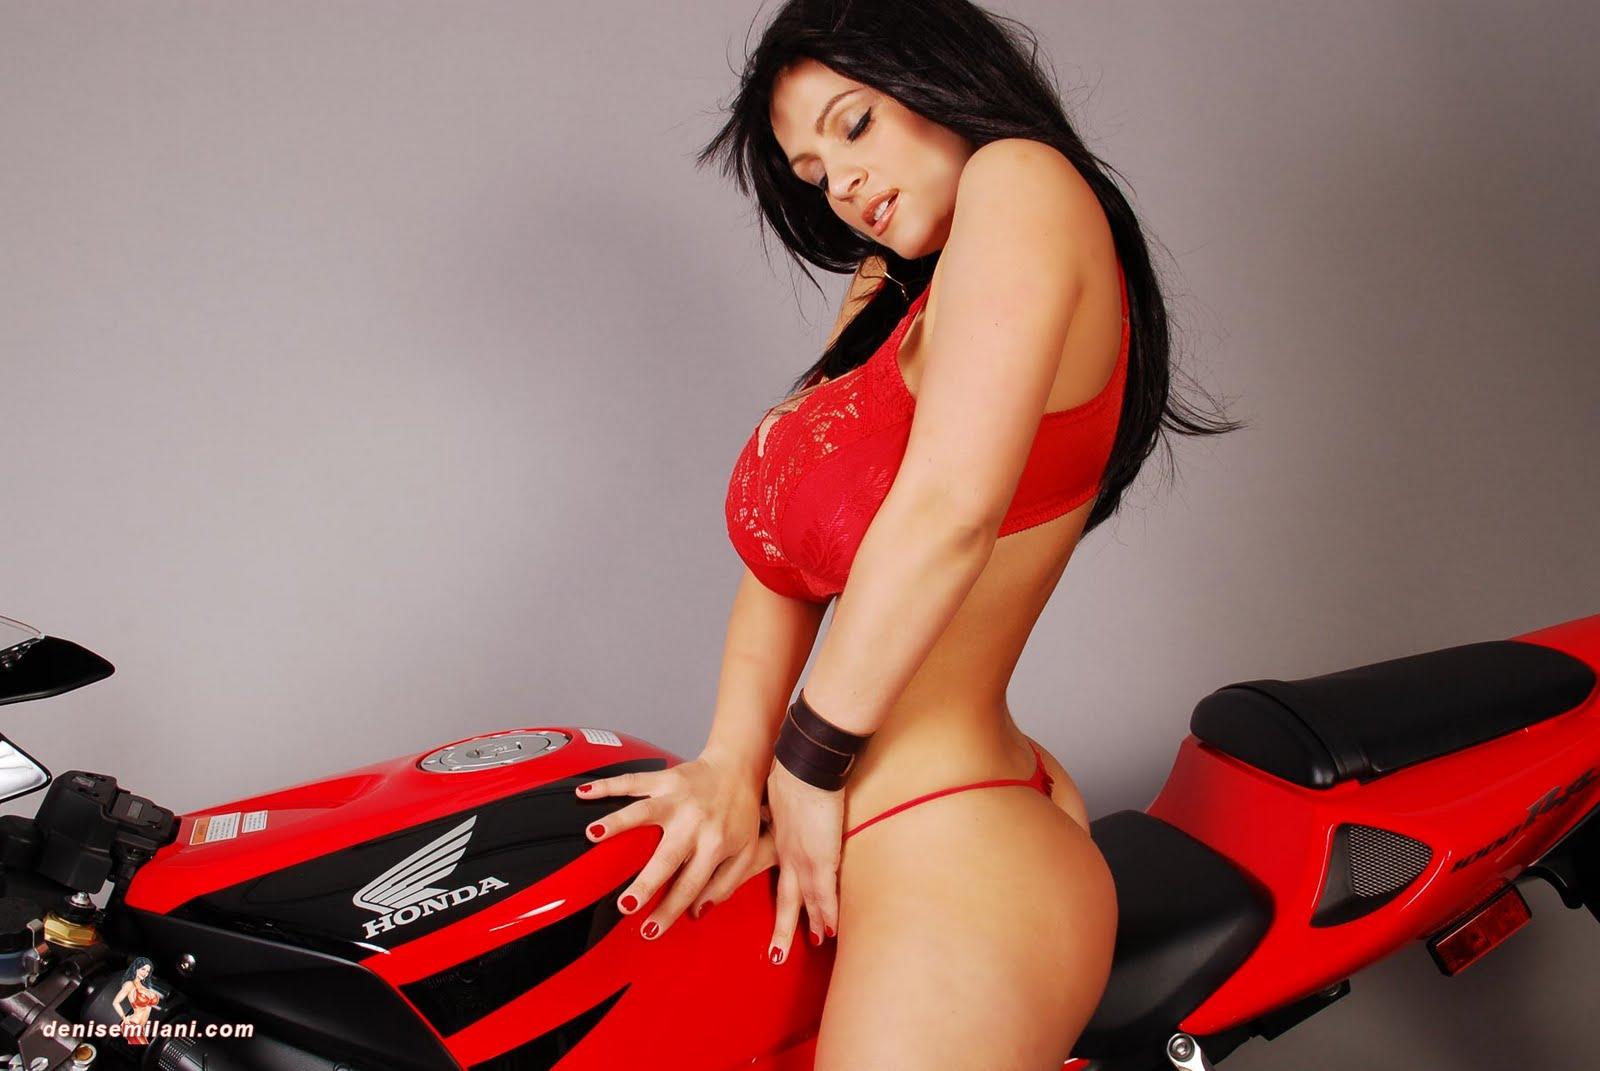 http://4.bp.blogspot.com/_8KsqfrmHJBM/TGC6ri_LwMI/AAAAAAAACwE/b7sqahykxLE/s1600/bike10.jpg